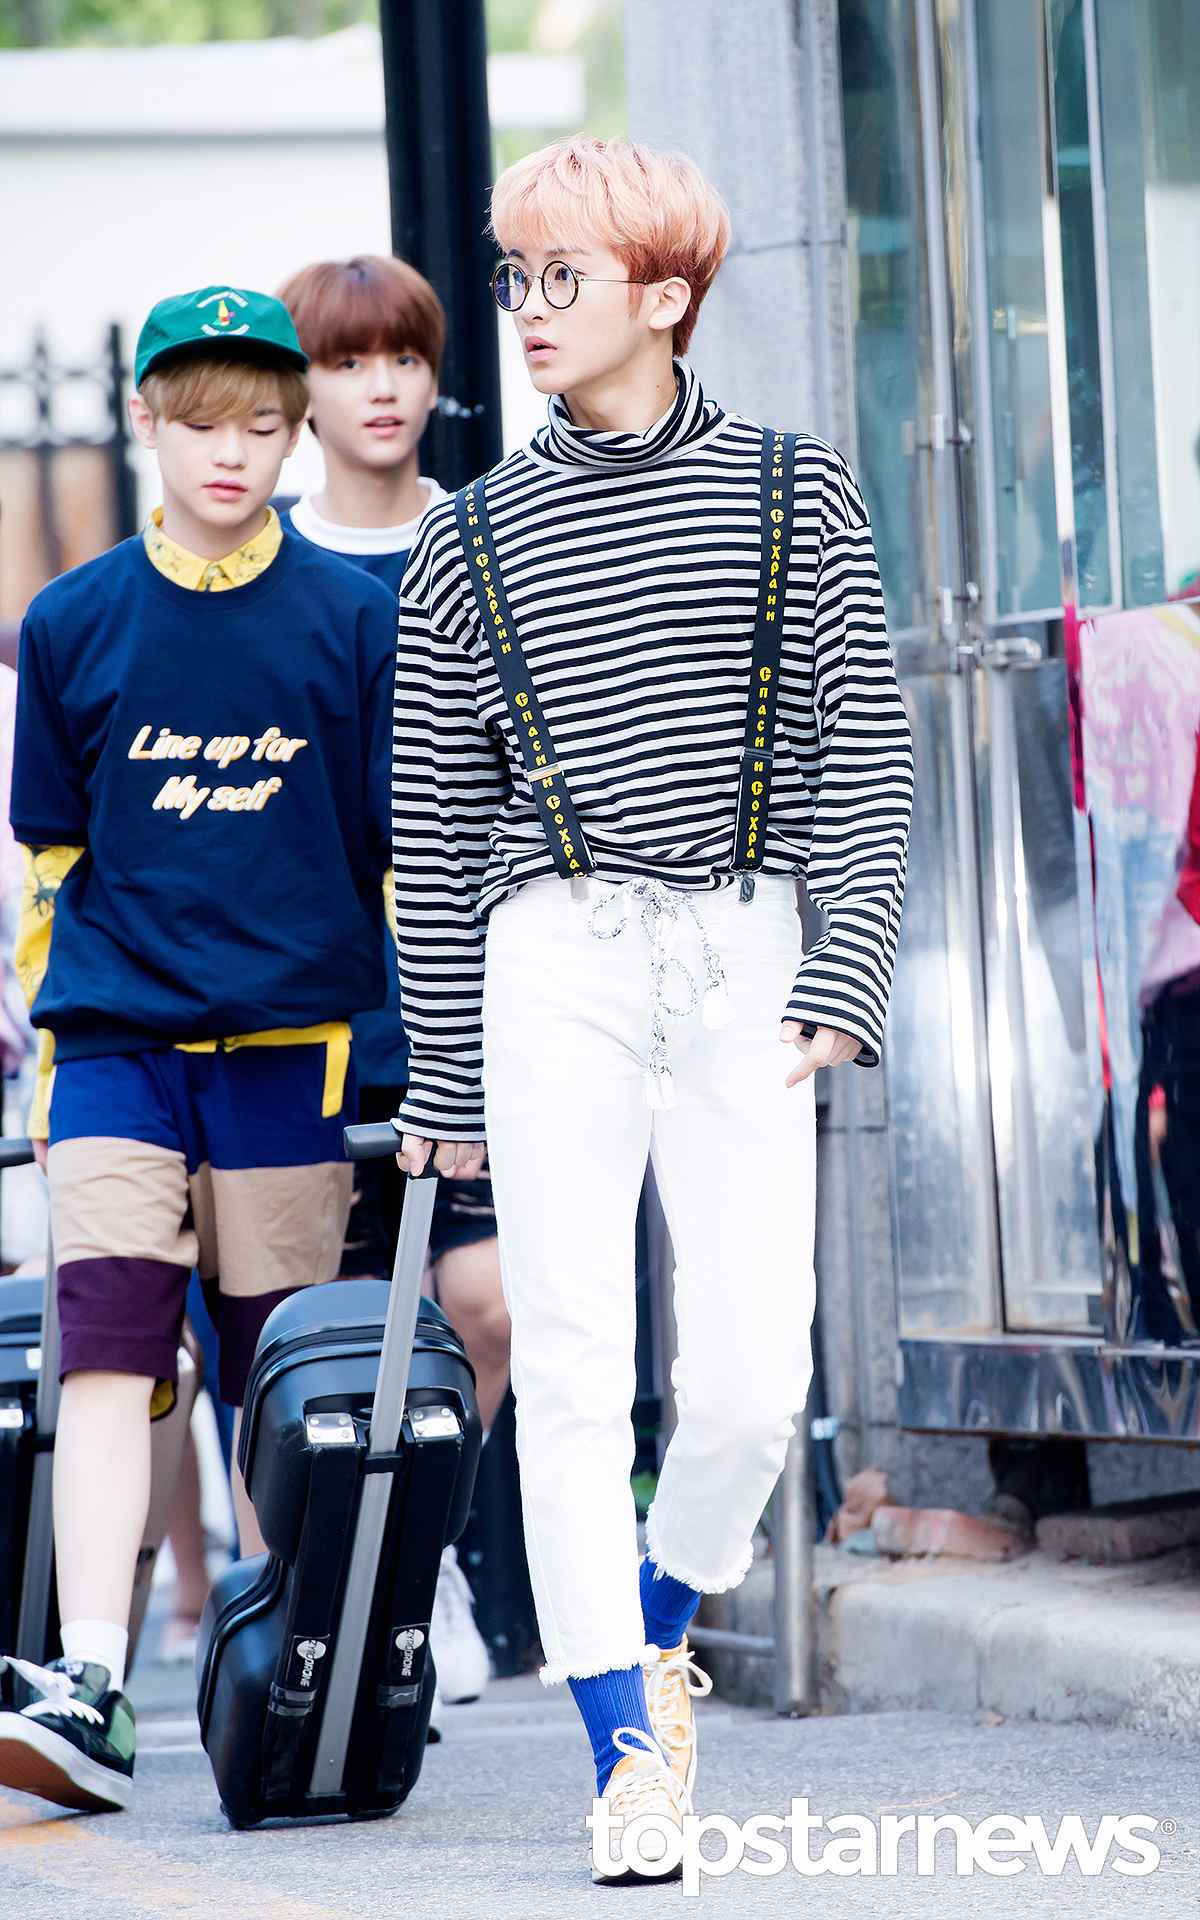 6.露出襪子 相信很多人跟摩登少女一樣,覺得這種搭配有一種麥可·傑克森的既視感,韓國男生就算褲子沒有很短,也會故意挽起褲腳,露出襪子來。